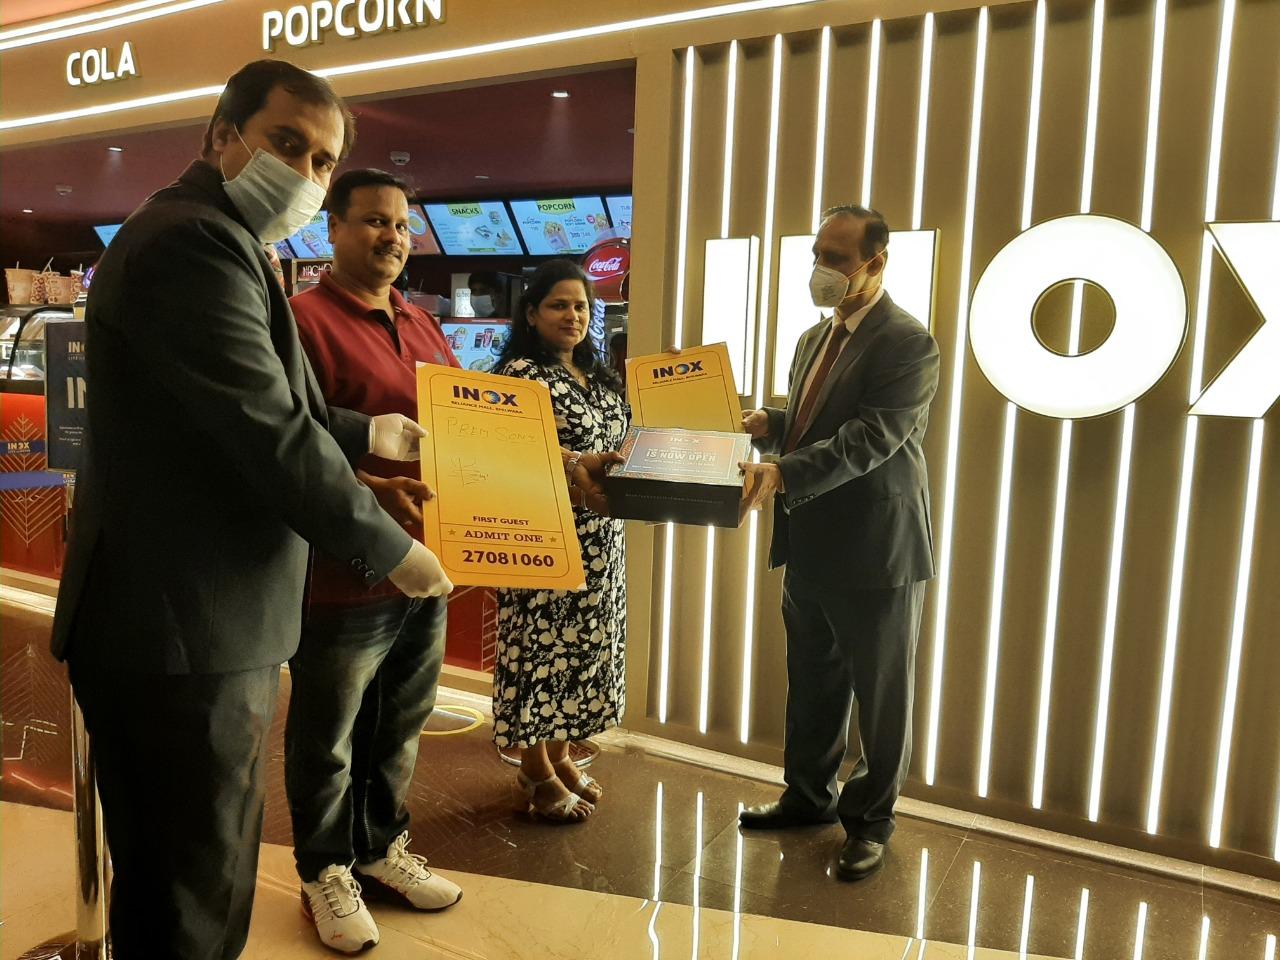 आइनॉक्स ने भीलवाड़ा स्थित रिलायंस मॉल में किया अपने दूसरे मल्टीप्लेक्स का उदघाटन